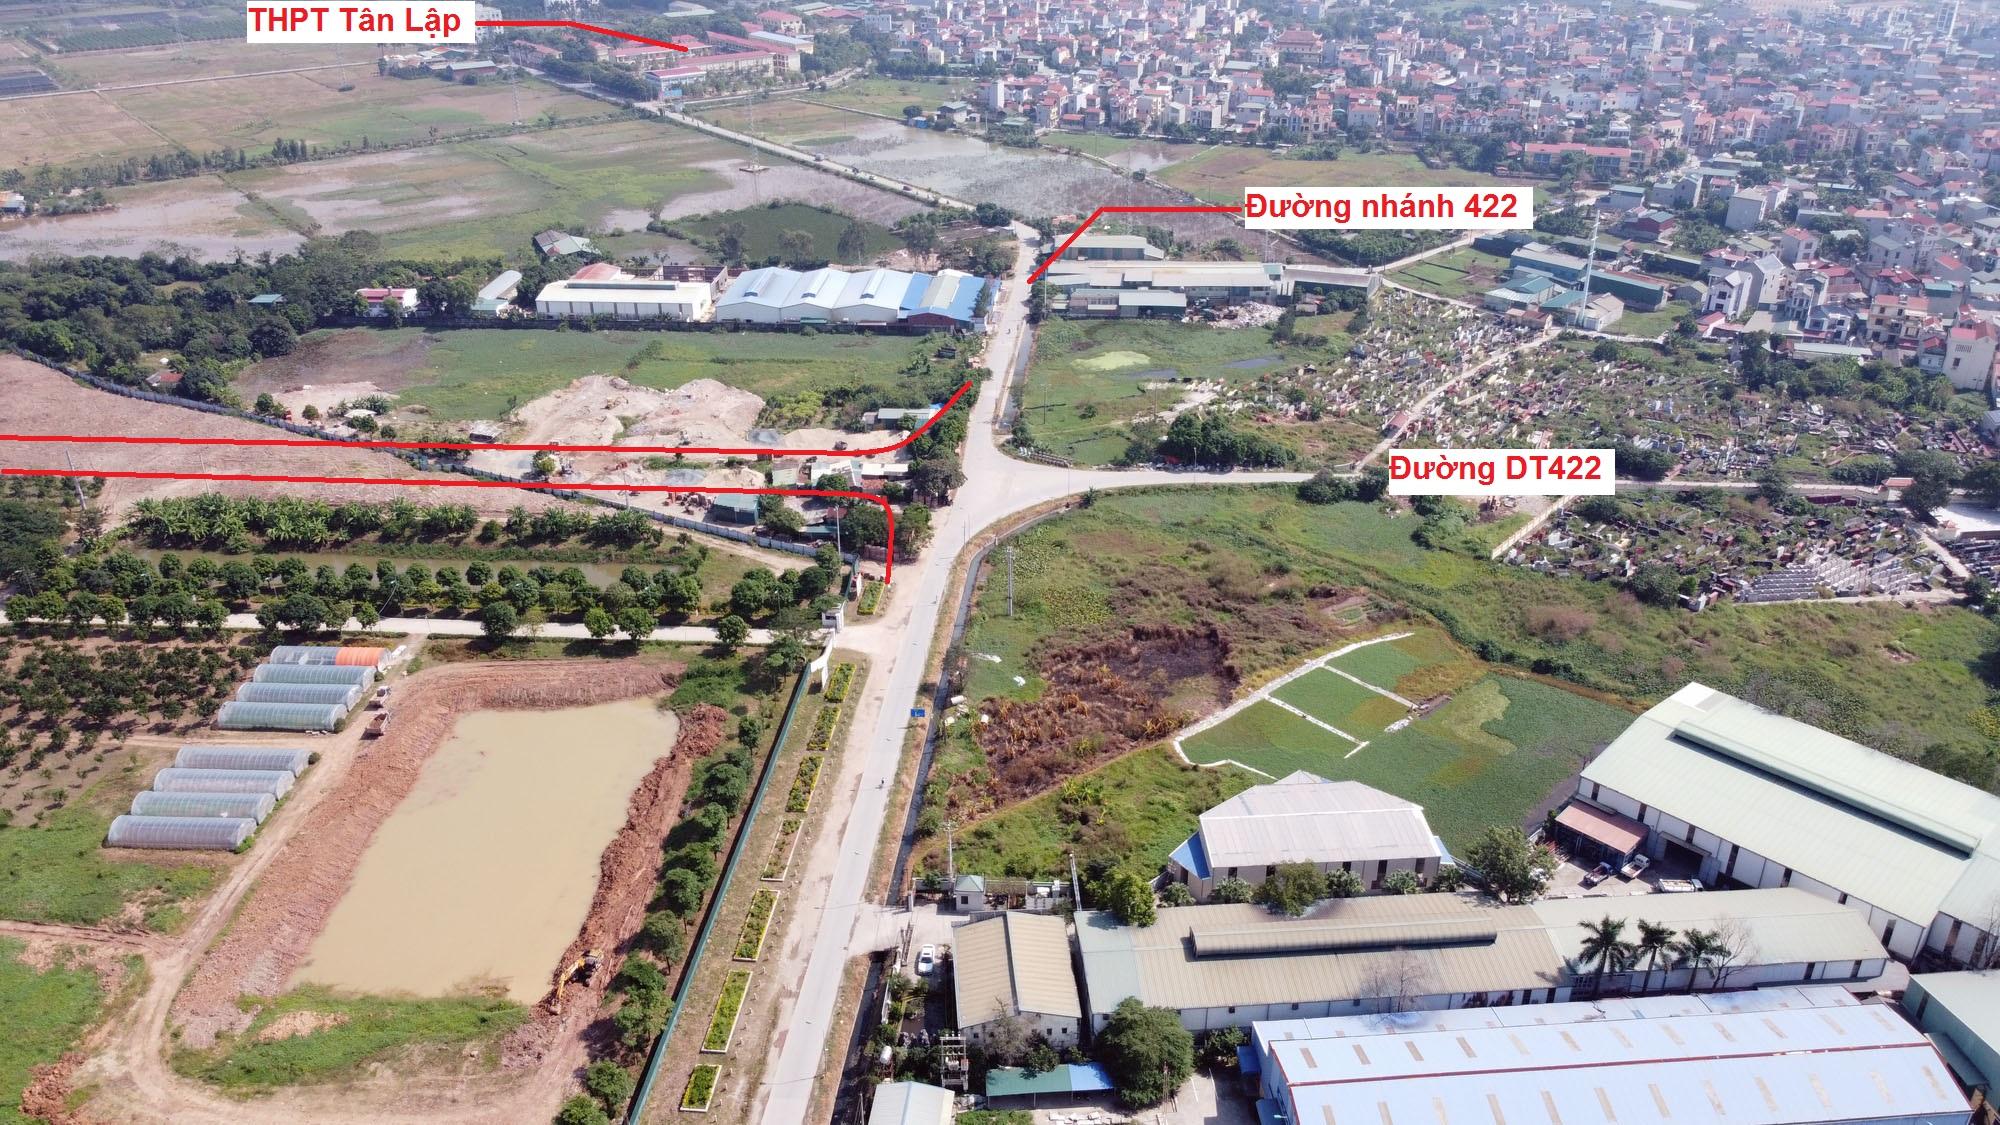 Ba đường sẽ mở theo qui hoạch ở xã Tân Hội, Đan Phượng, Hà Nội - Ảnh 7.